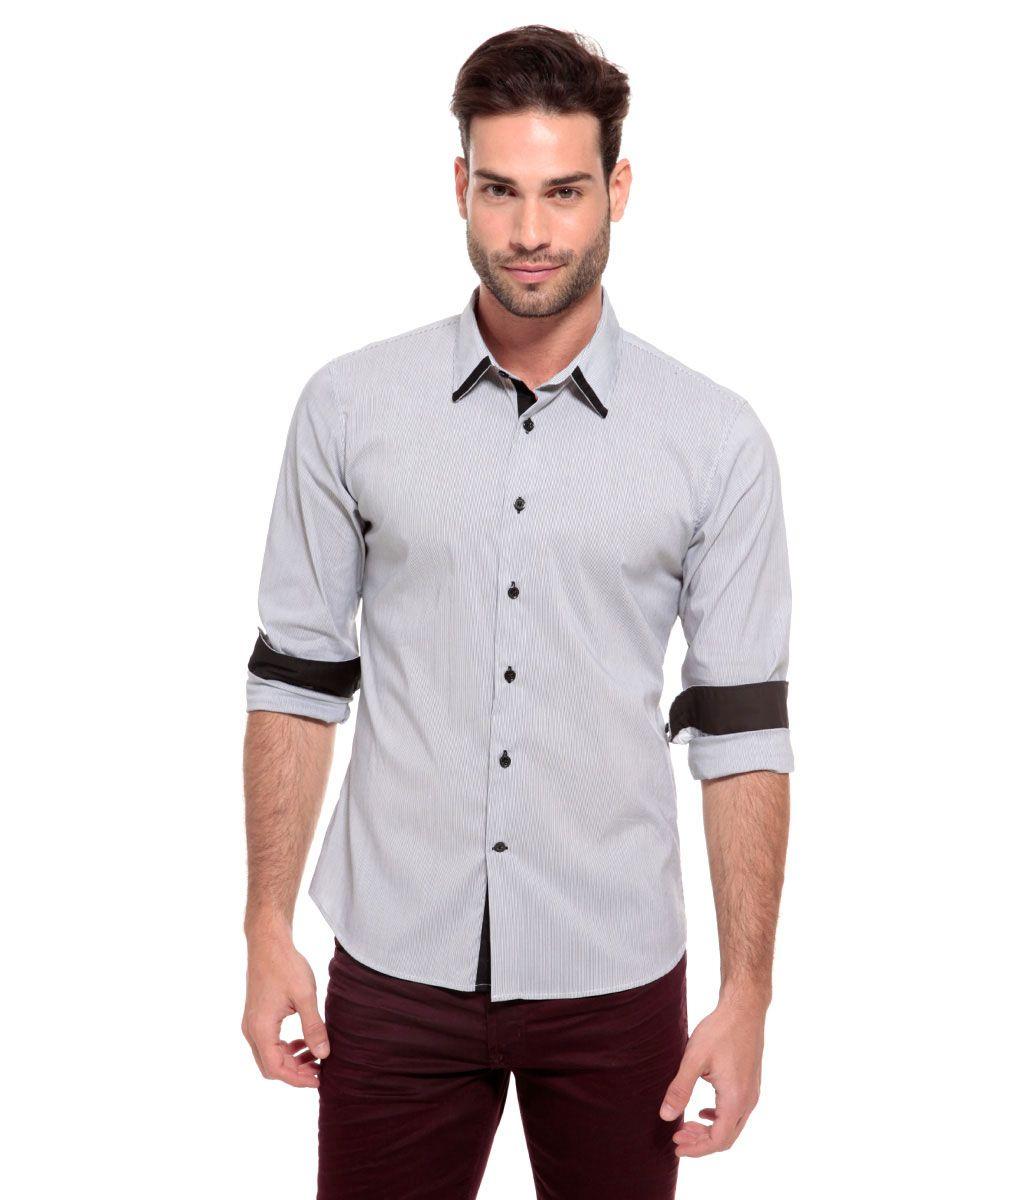 457056d2e Camisa masculina Manga longa Estampada Colarinho clássico s  botão Marca   Request Tecido  Algodão Composição  100% algodão Modelo veste tamanho  03  COLEÇÃO ...